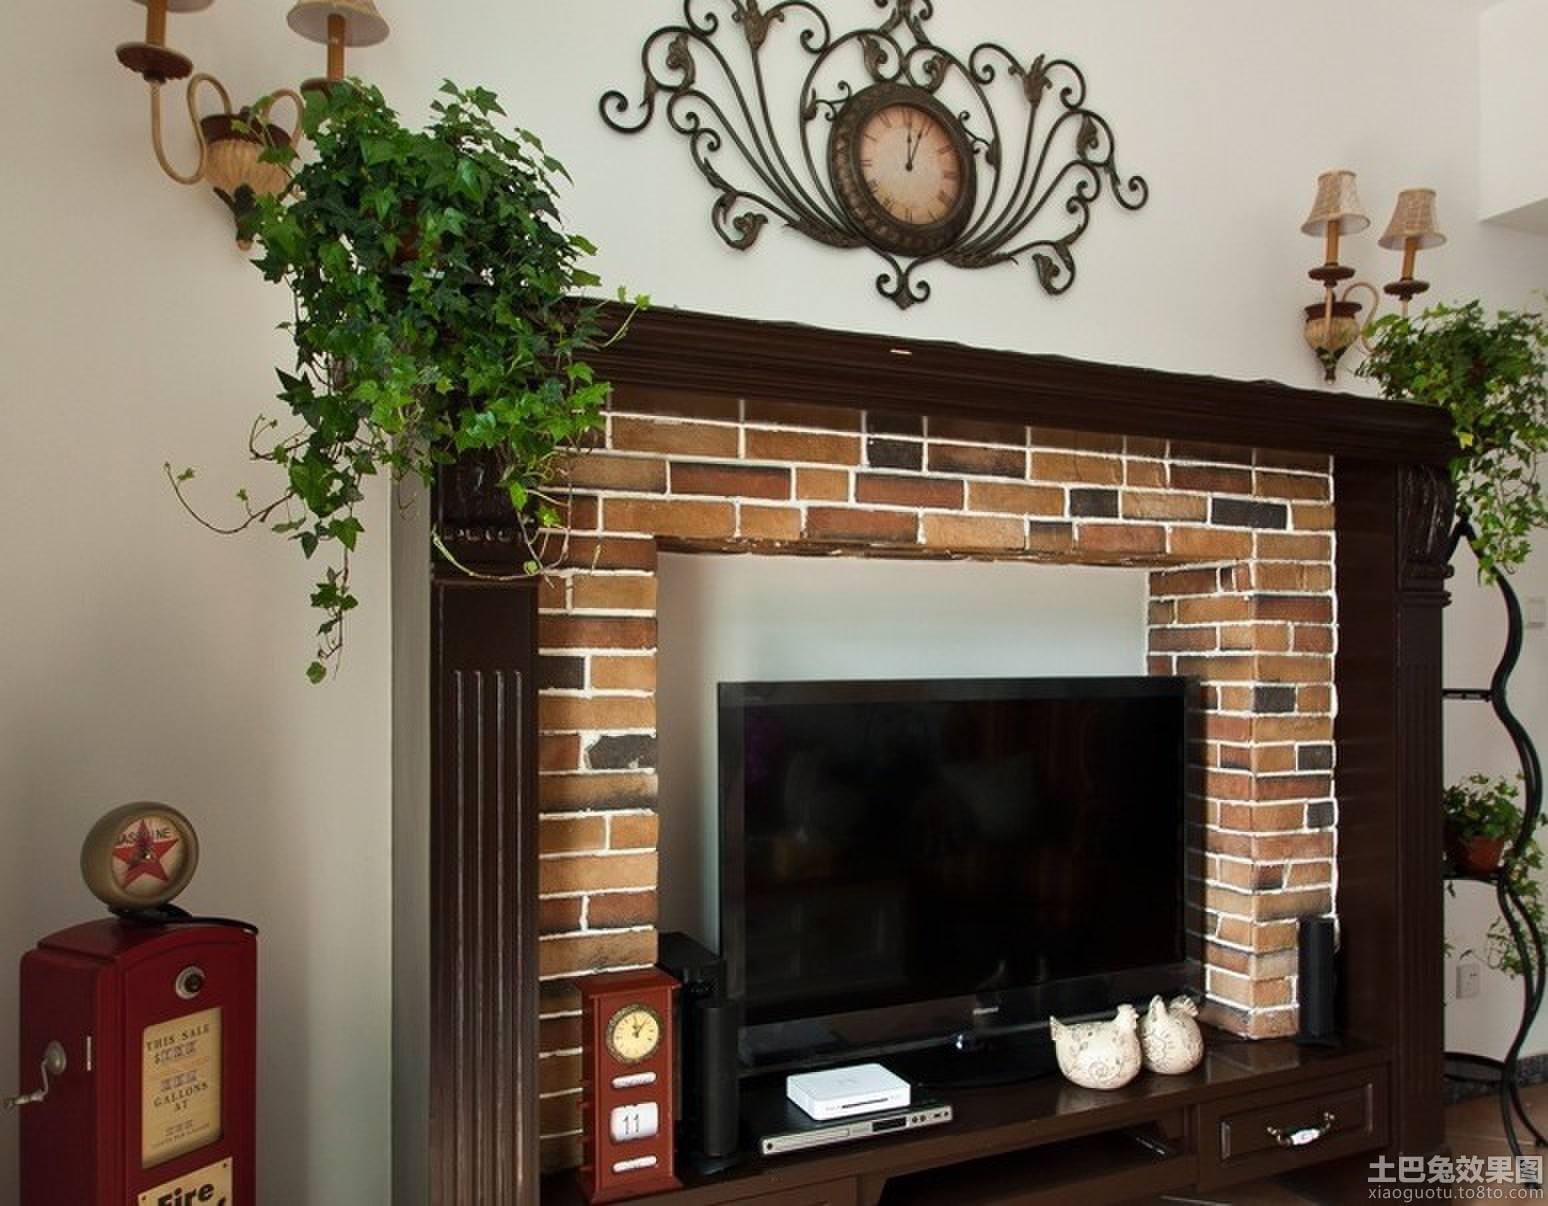 美式田园红砖背景墙装修效果图装修效果图 第1张 家居图库 九正家居网高清图片